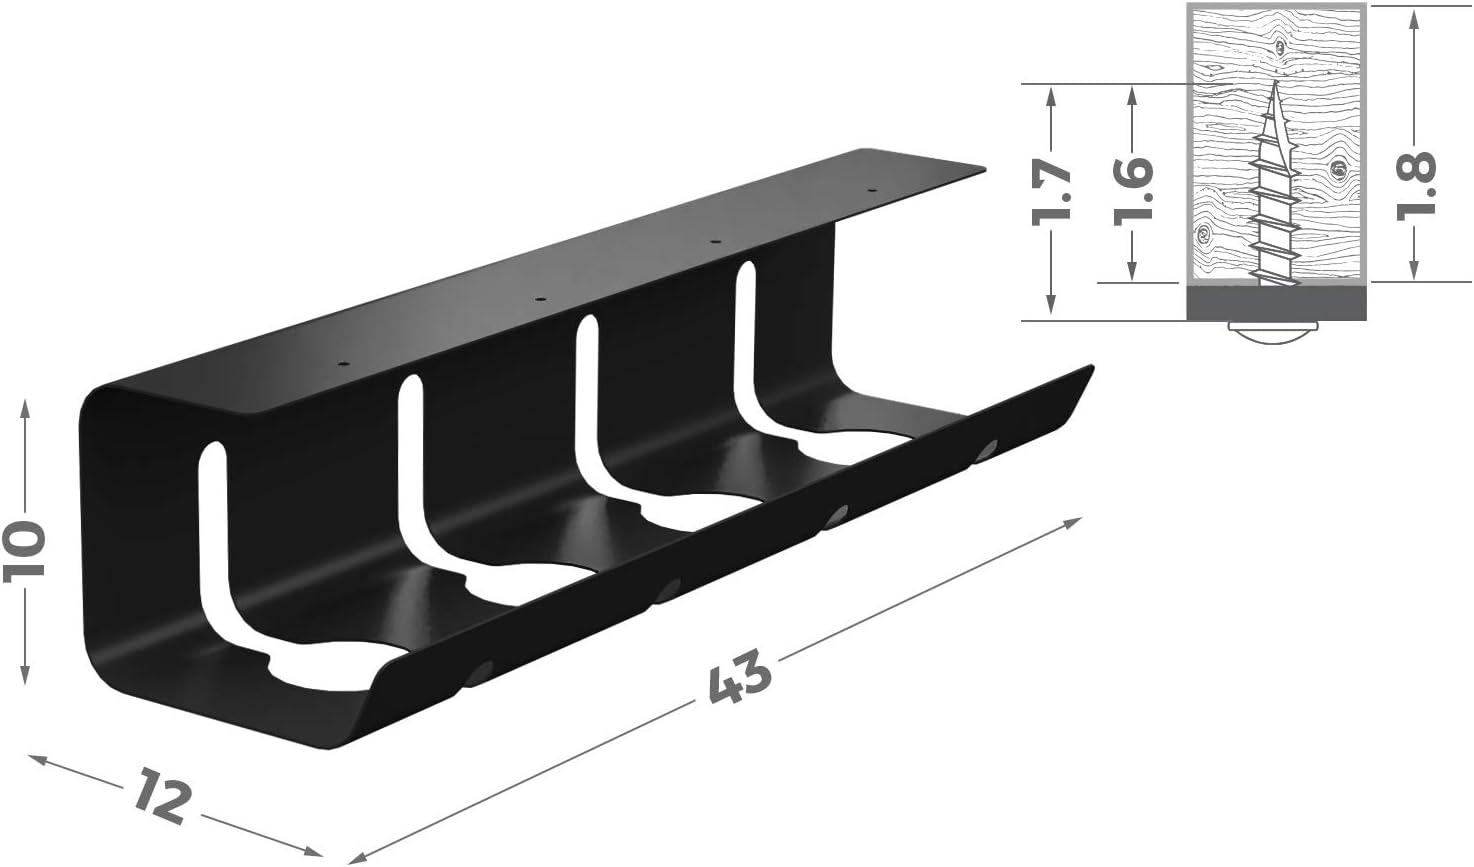 Kabelkanal Schreibtisch f/ür Ordnung am Arbeitsplatz Kabelkanal schwarz 43 x 12 x 10 cm Kabelhalter Kabelwanne Tisch Kabelmanagement Schreibtisch